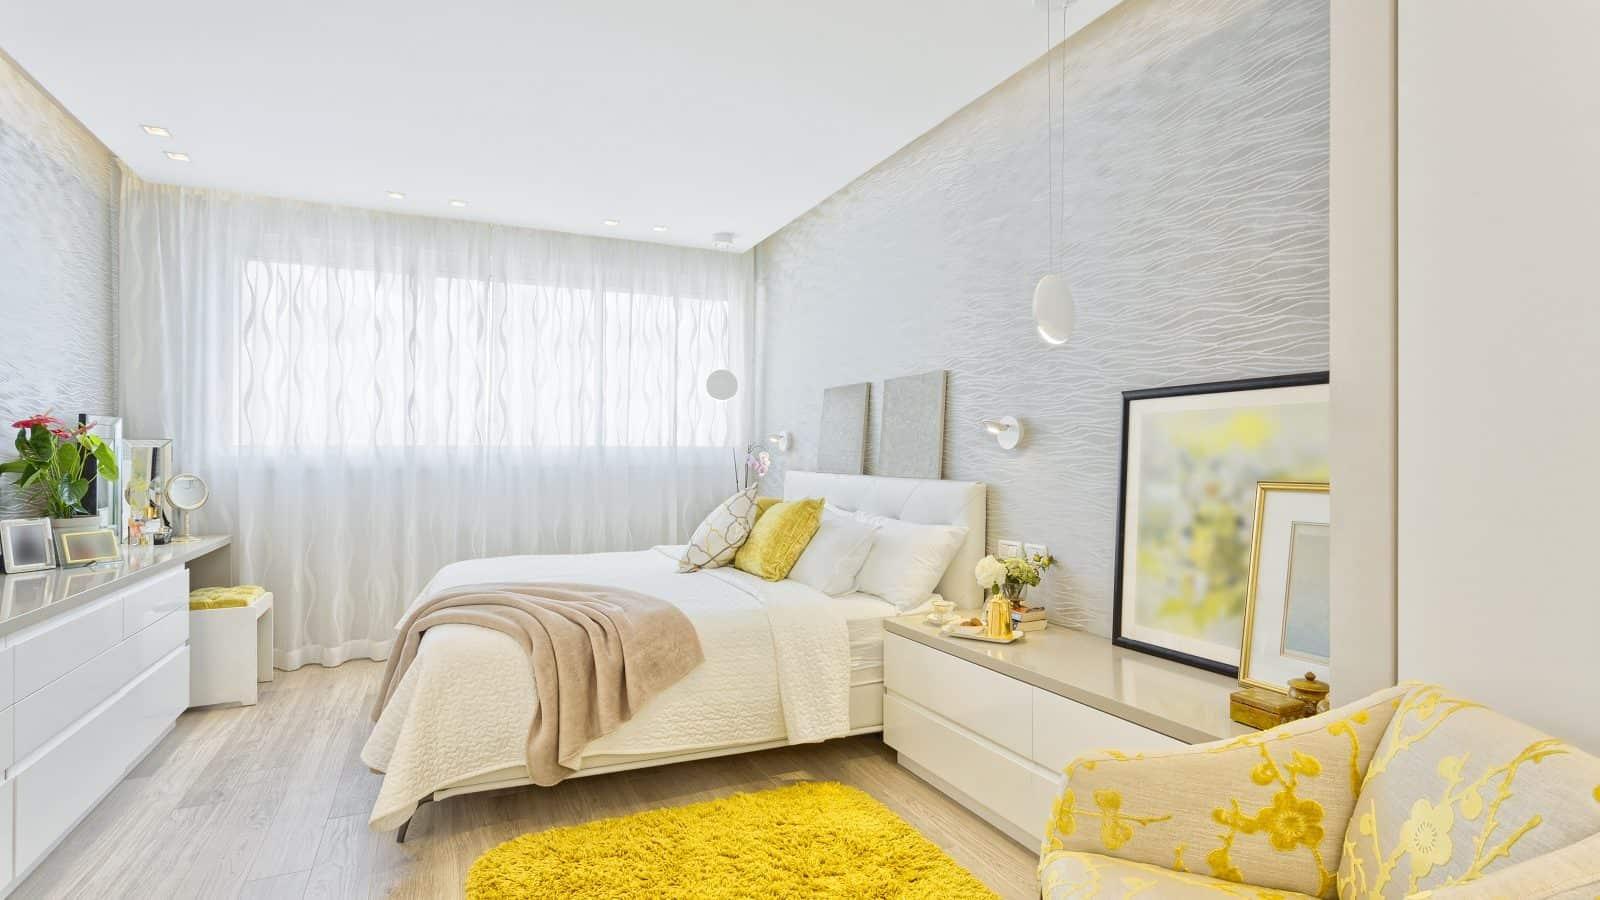 14 غرف نوم جميلة حديثة